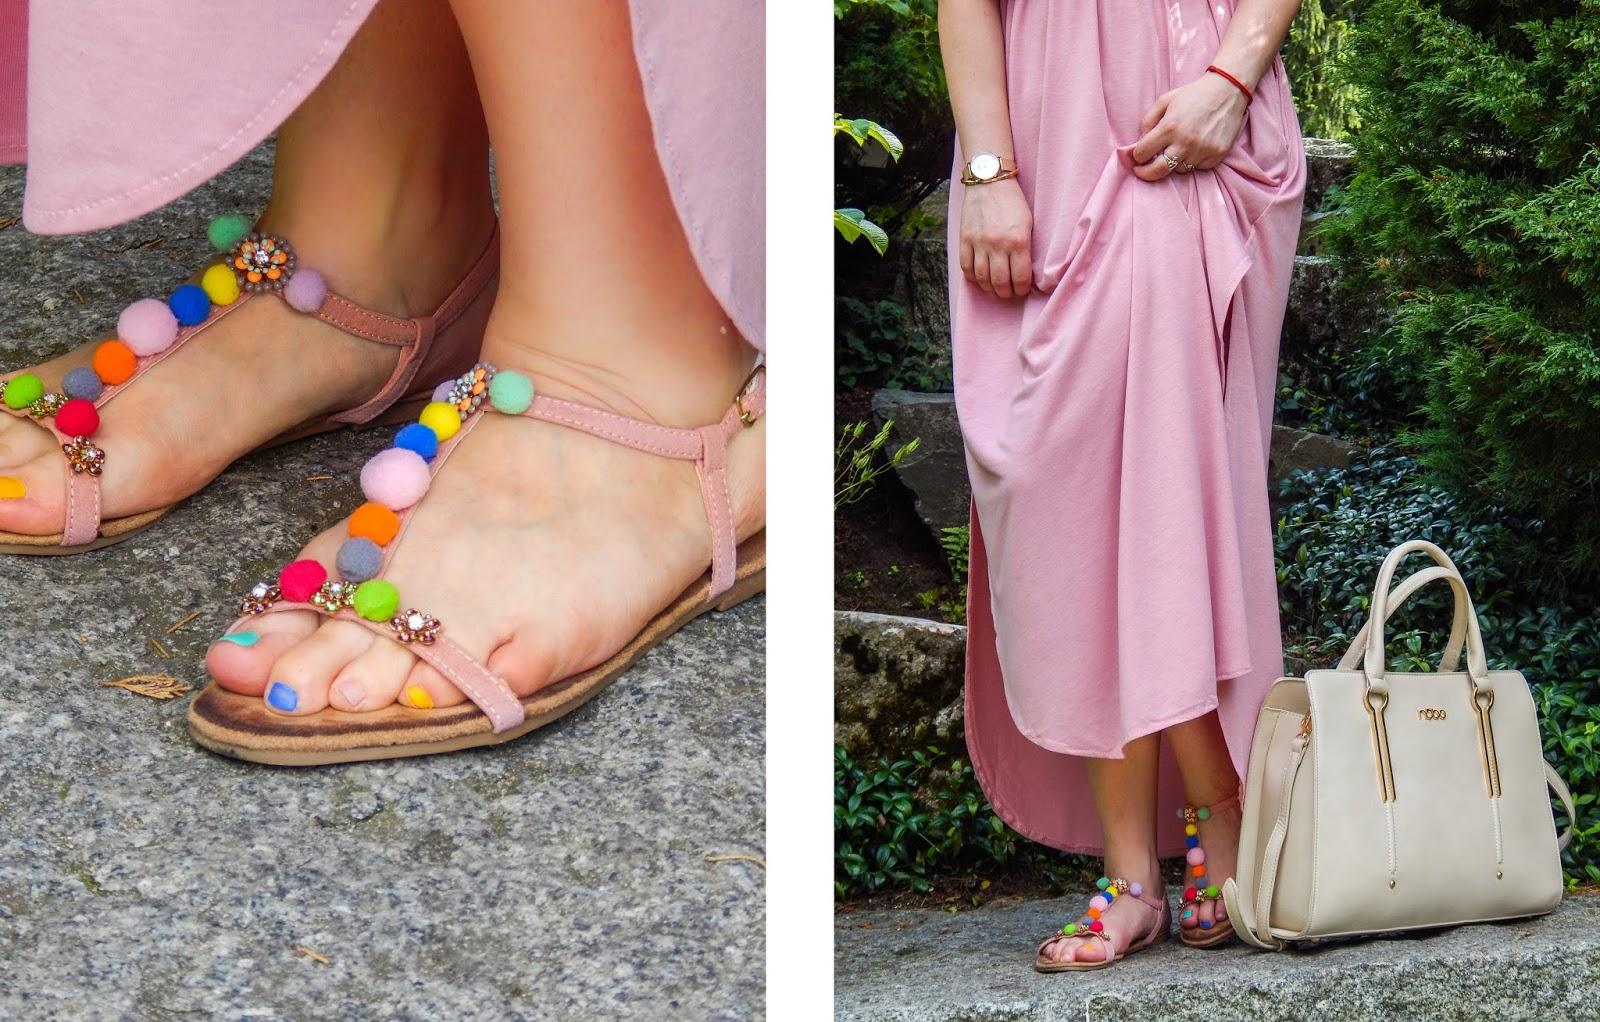 8 długa sukienka maxi hiszpanka wakacyjna stylizacja sandały z kolorowymi pomponami buty luków maxi hiszpanka z falbaną-horz